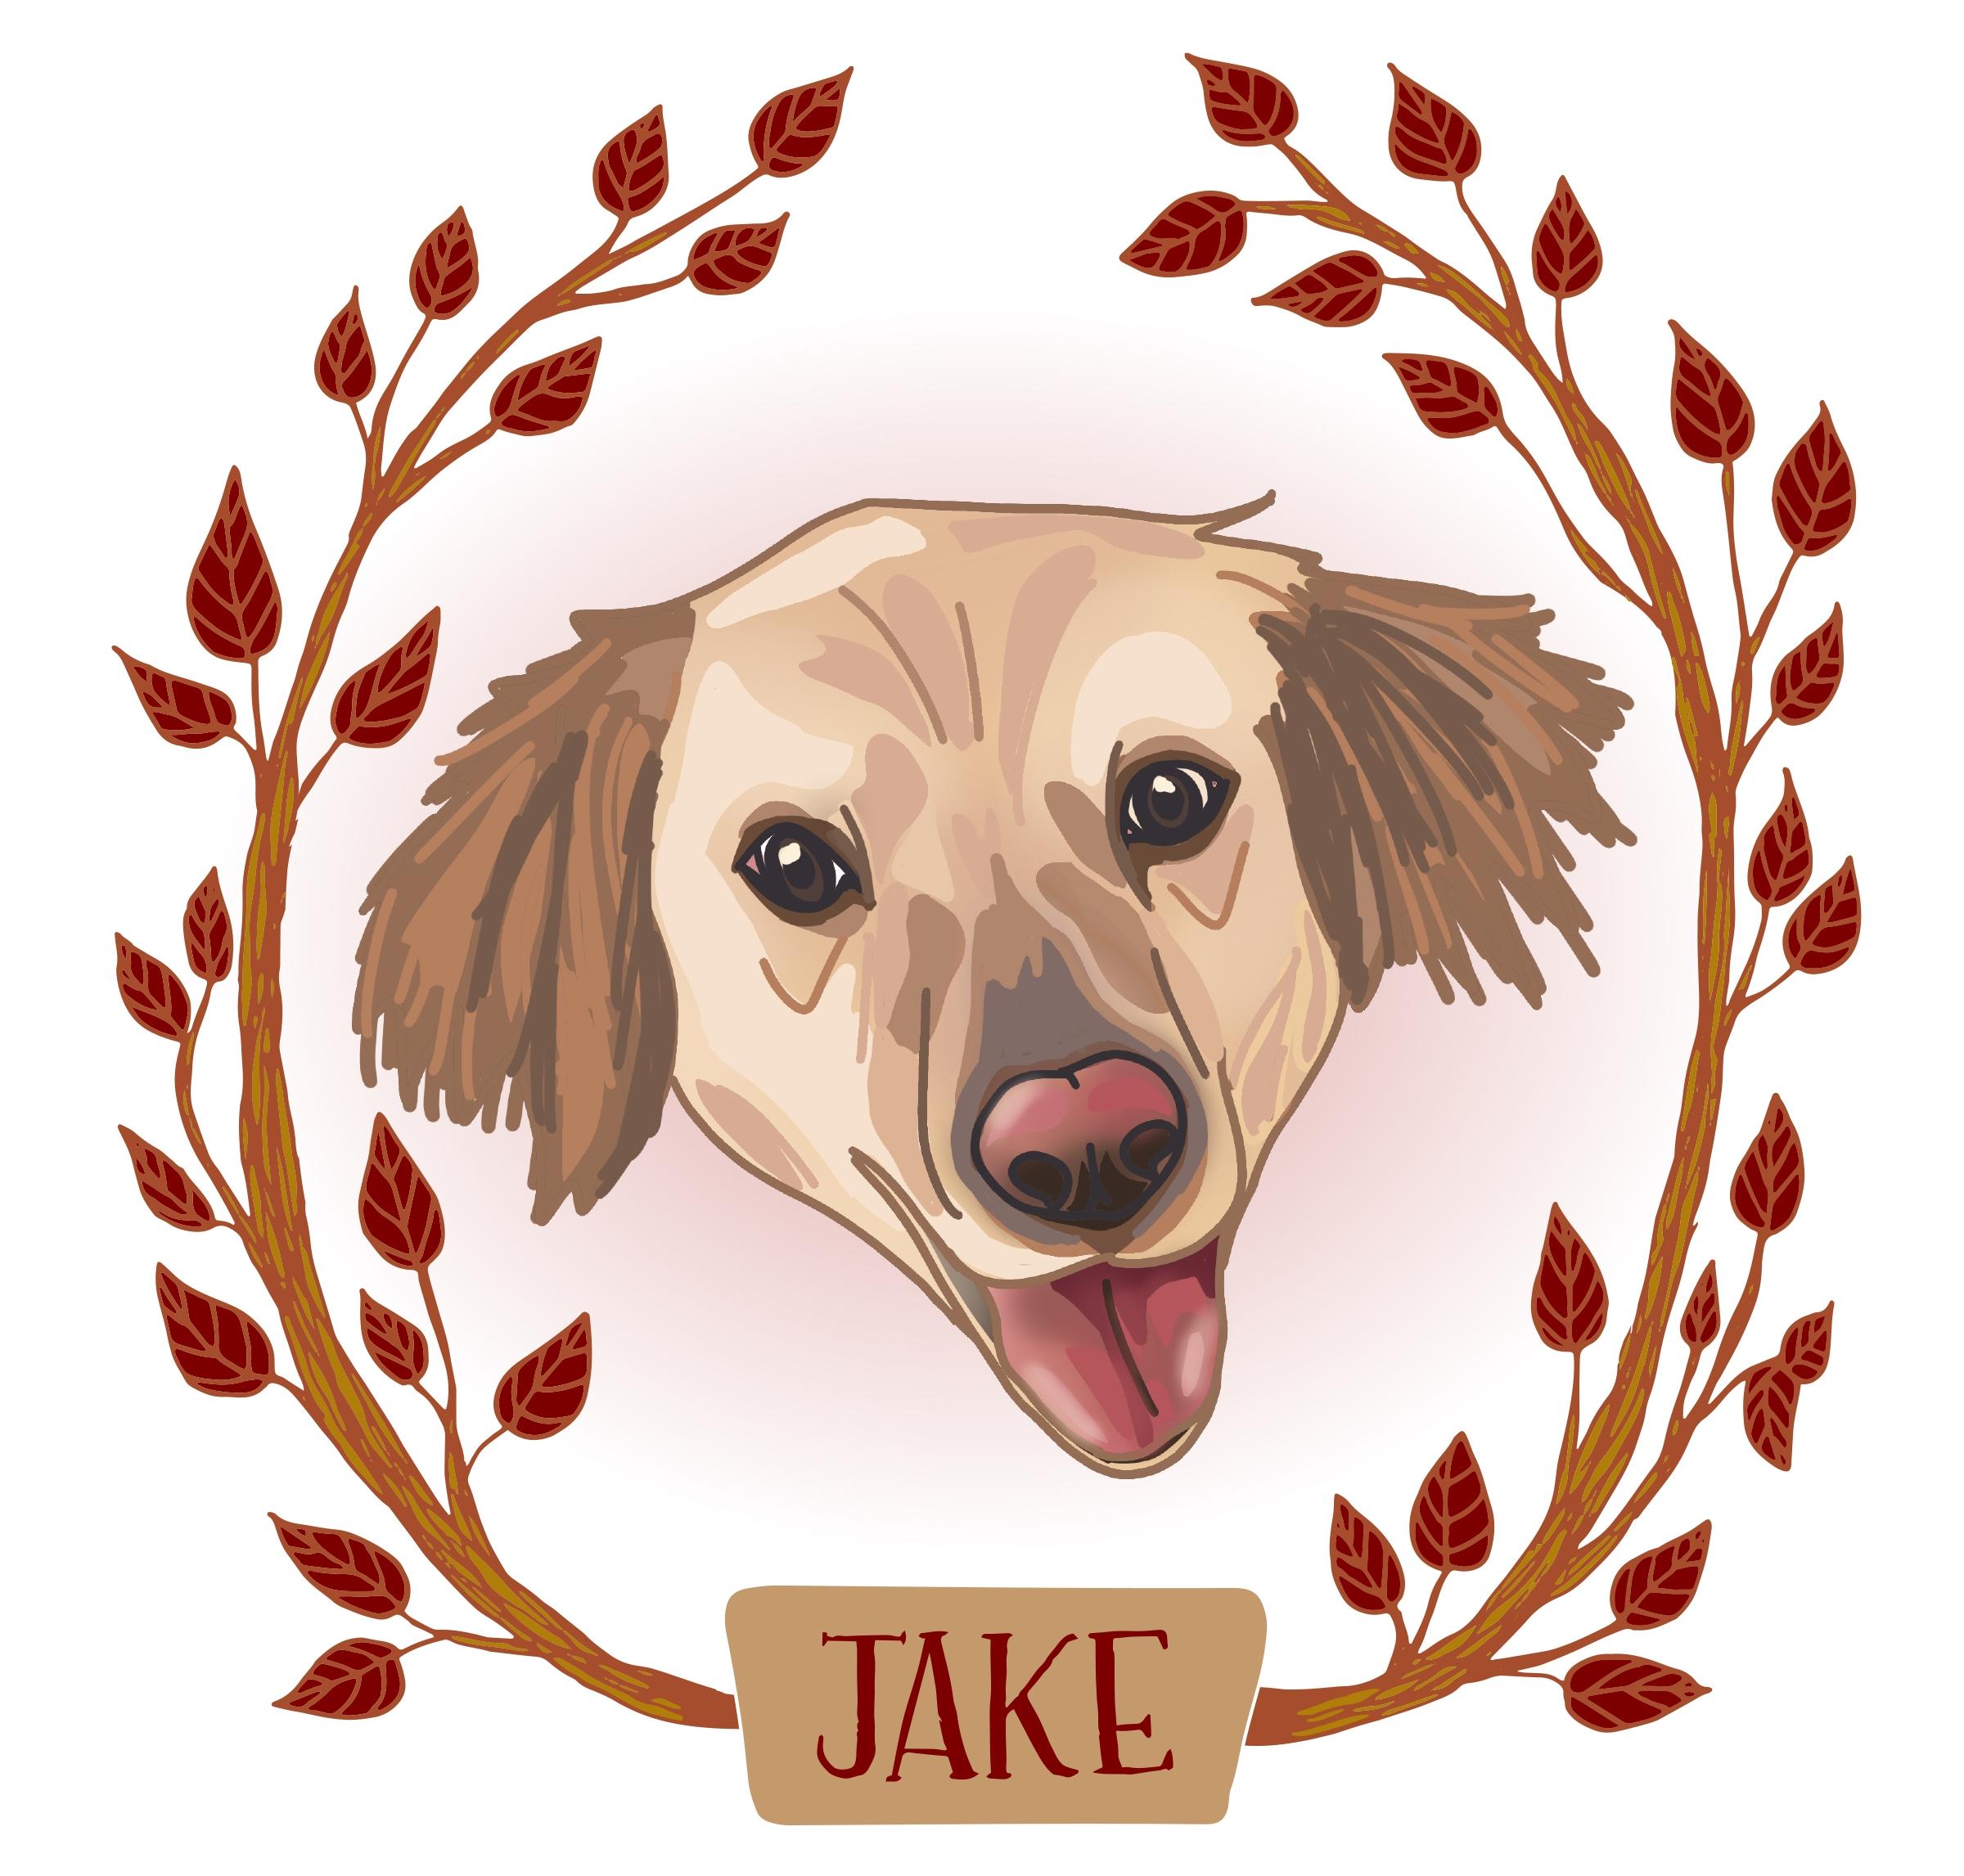 Final Jake portrait.